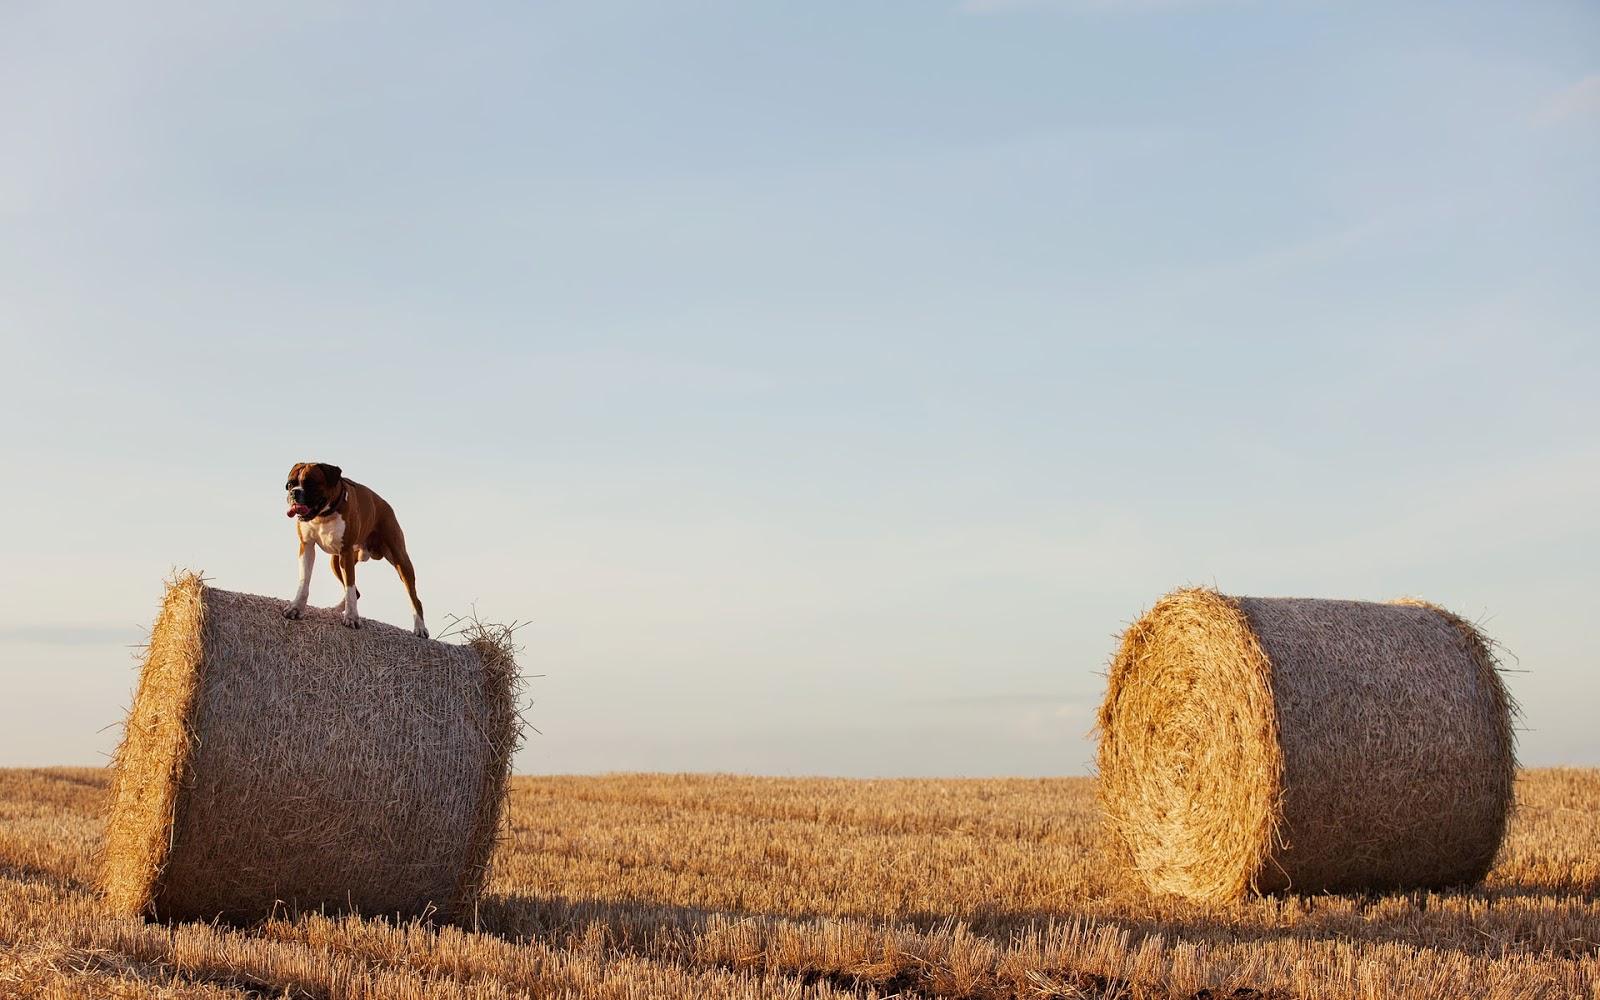 Foto van een hond bovenop een baal hooi